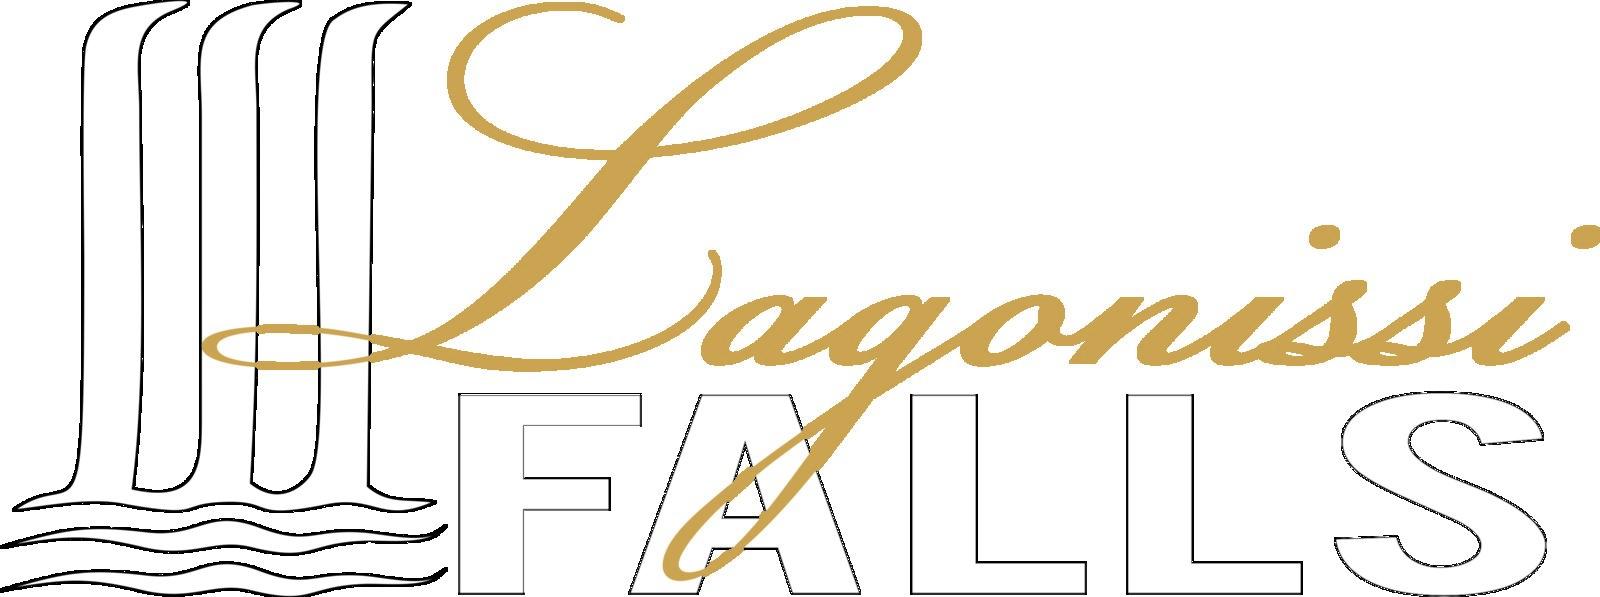 Lagonissi falls